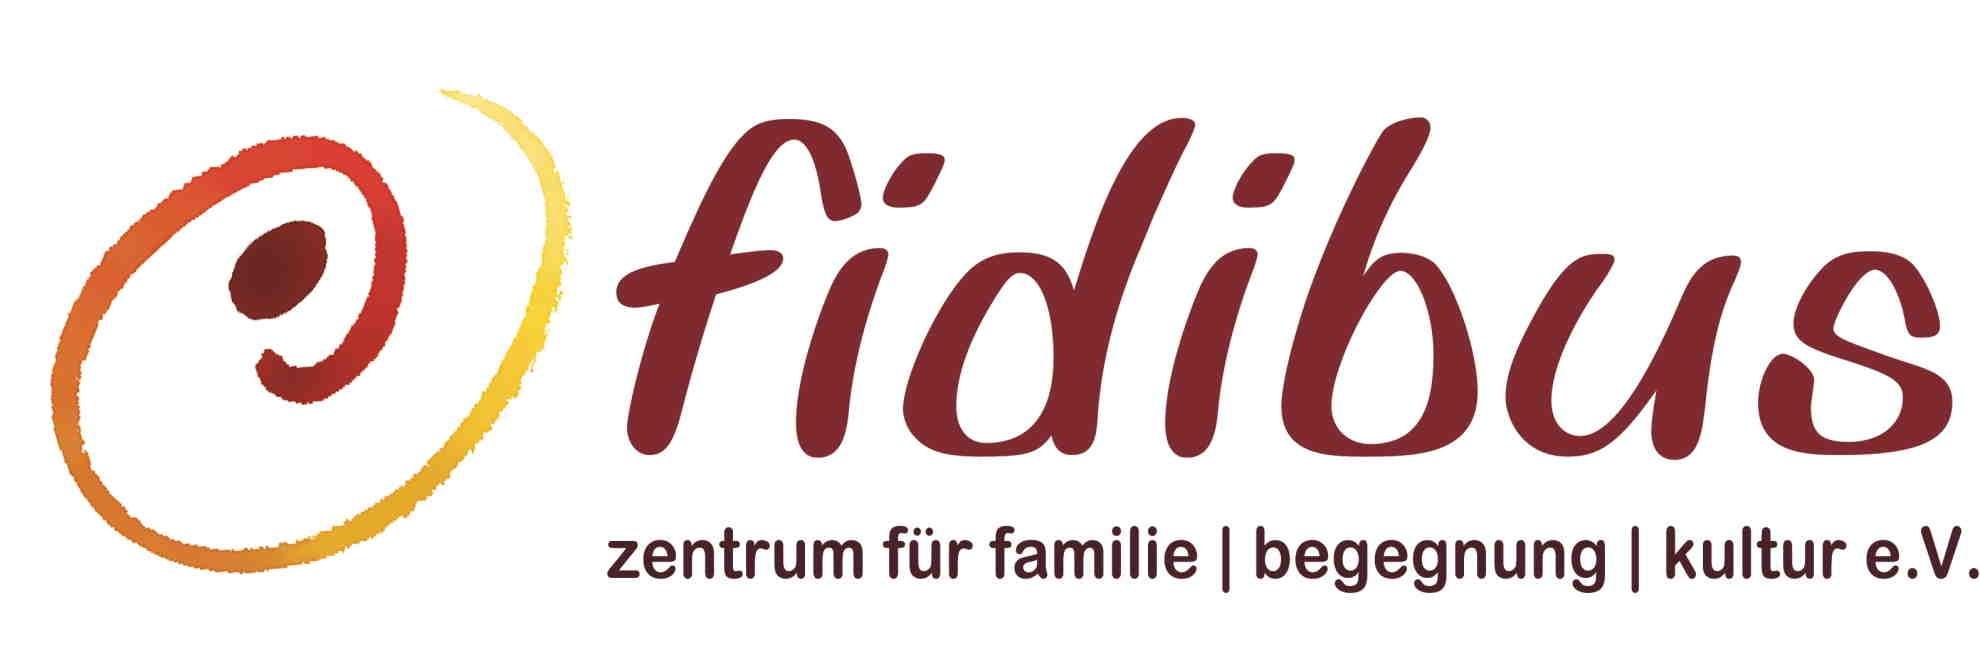 fidibus - zentrum für familie | begegnung | kultur e.V.